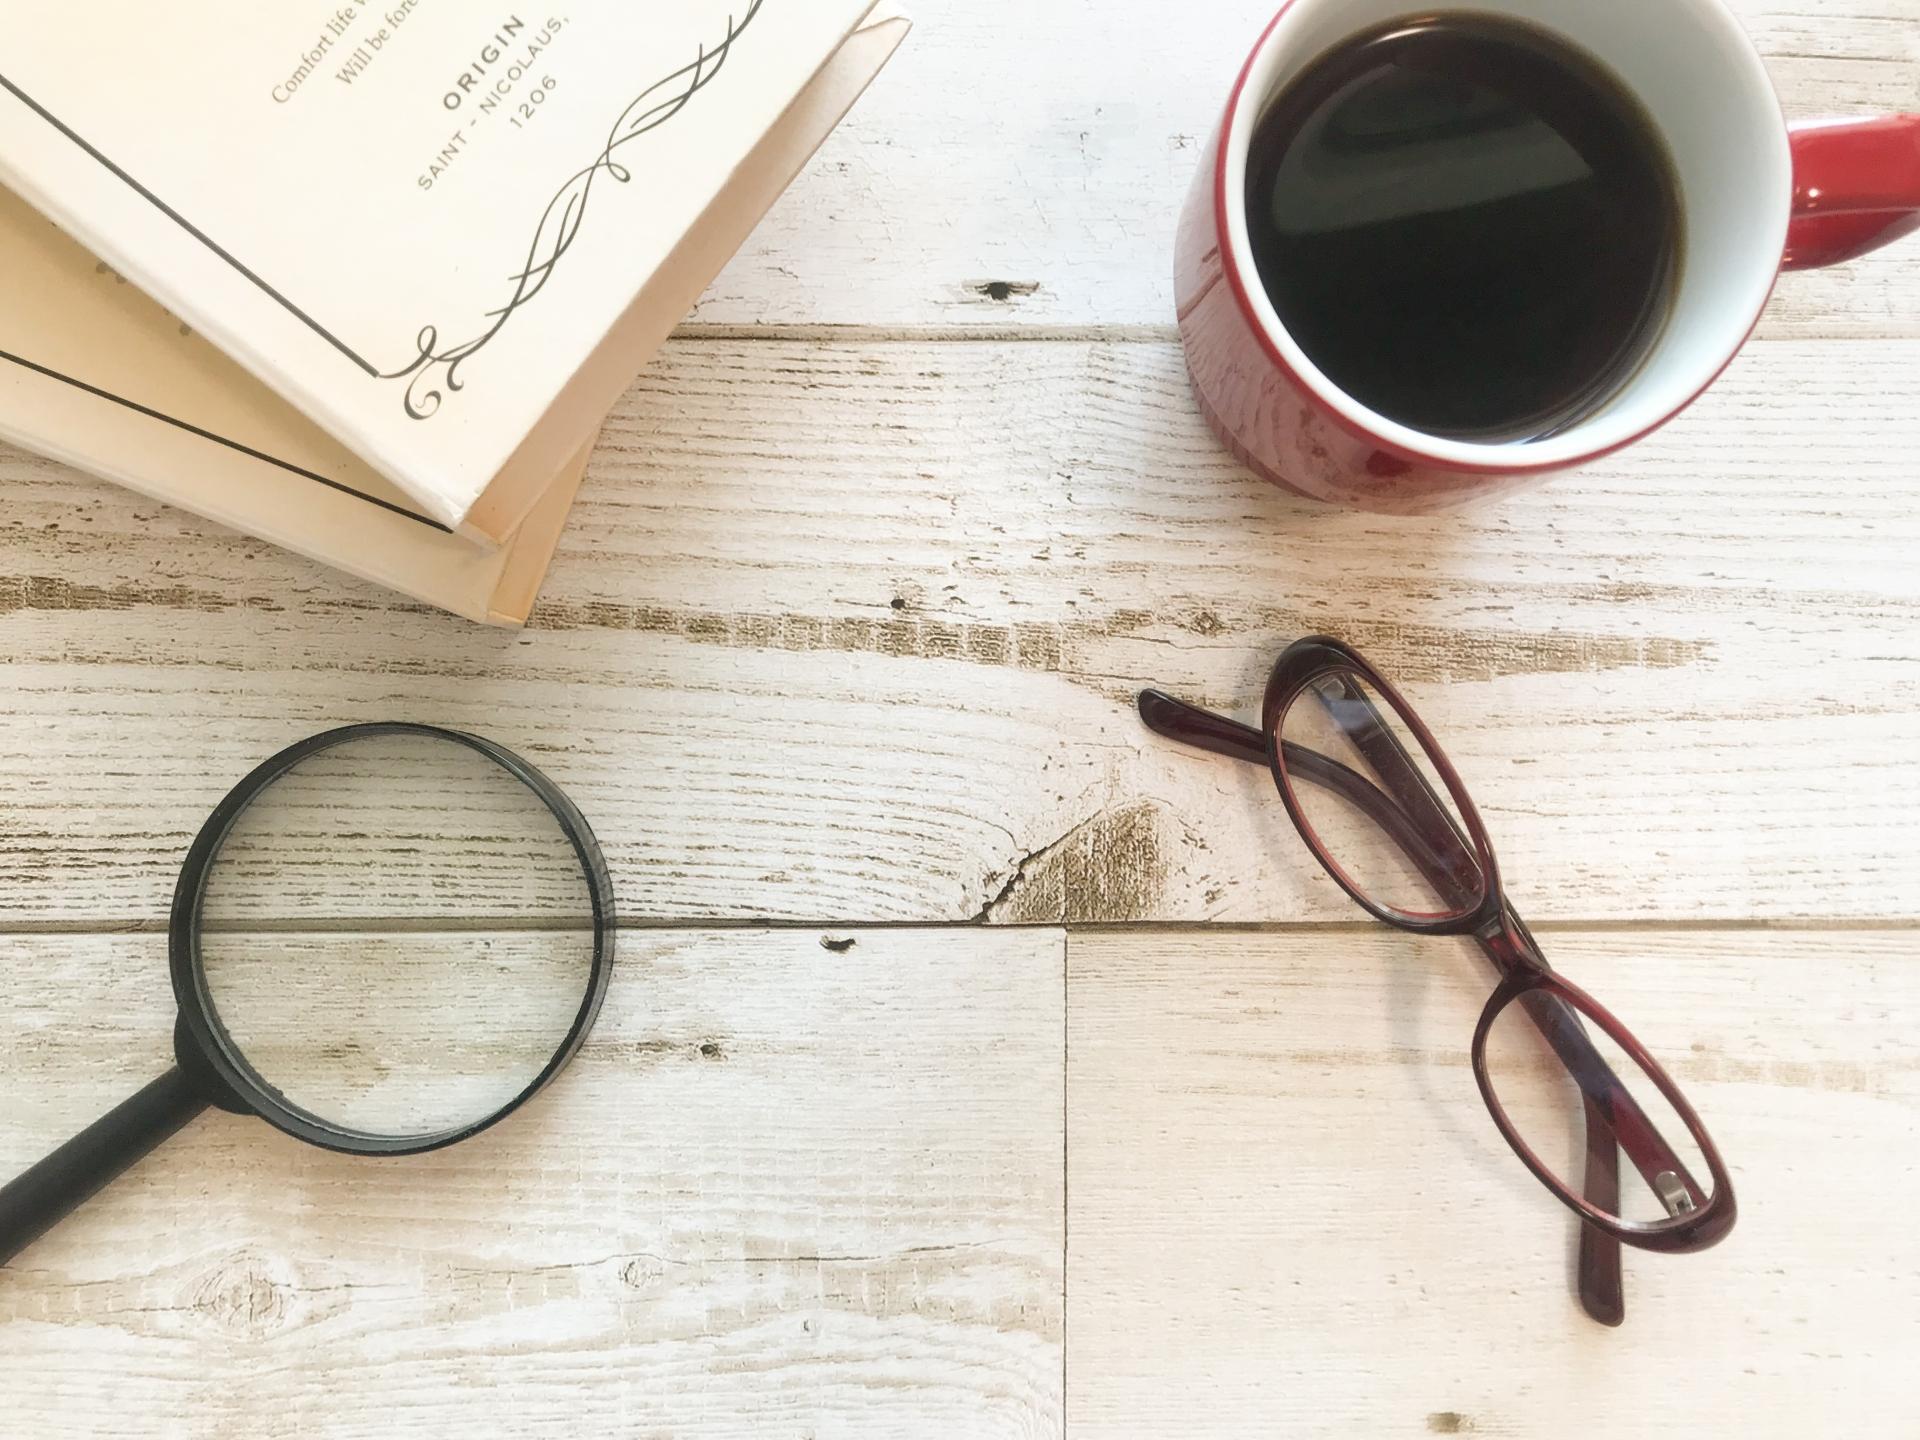 老眼鏡と虫眼鏡